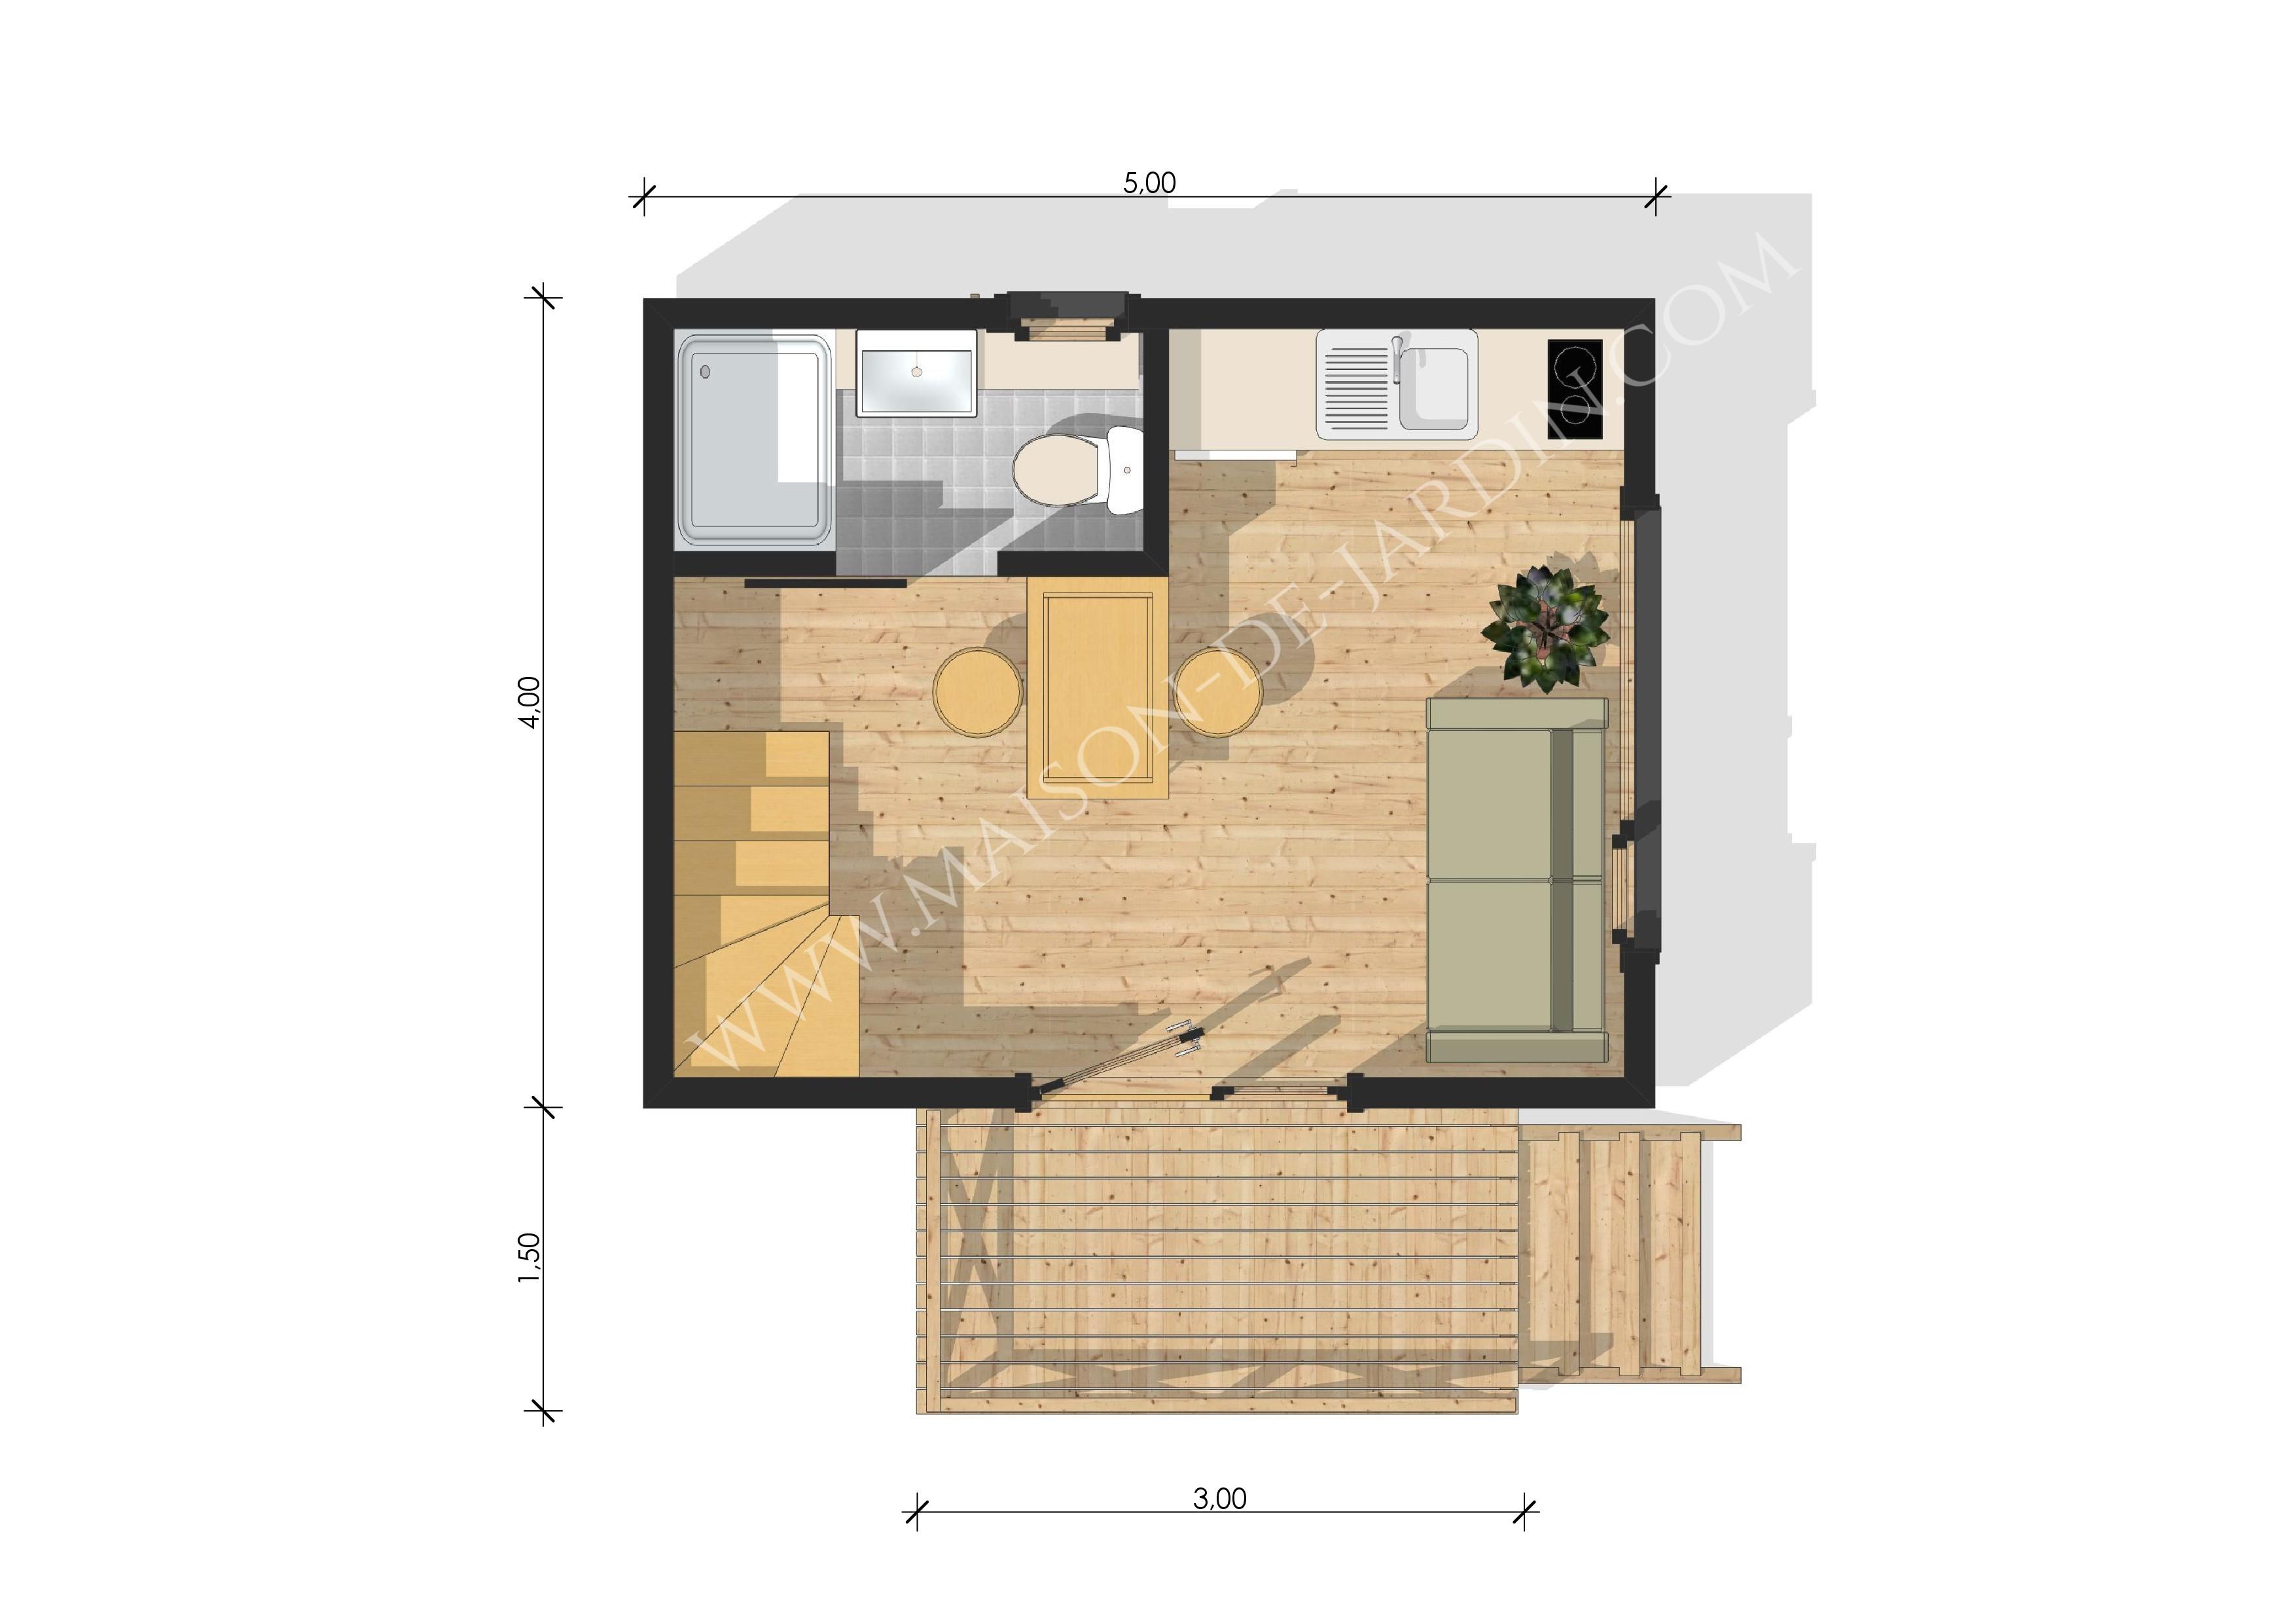 Maison de jardin nantes en bois en kit - Maison jardin lausanne nantes ...